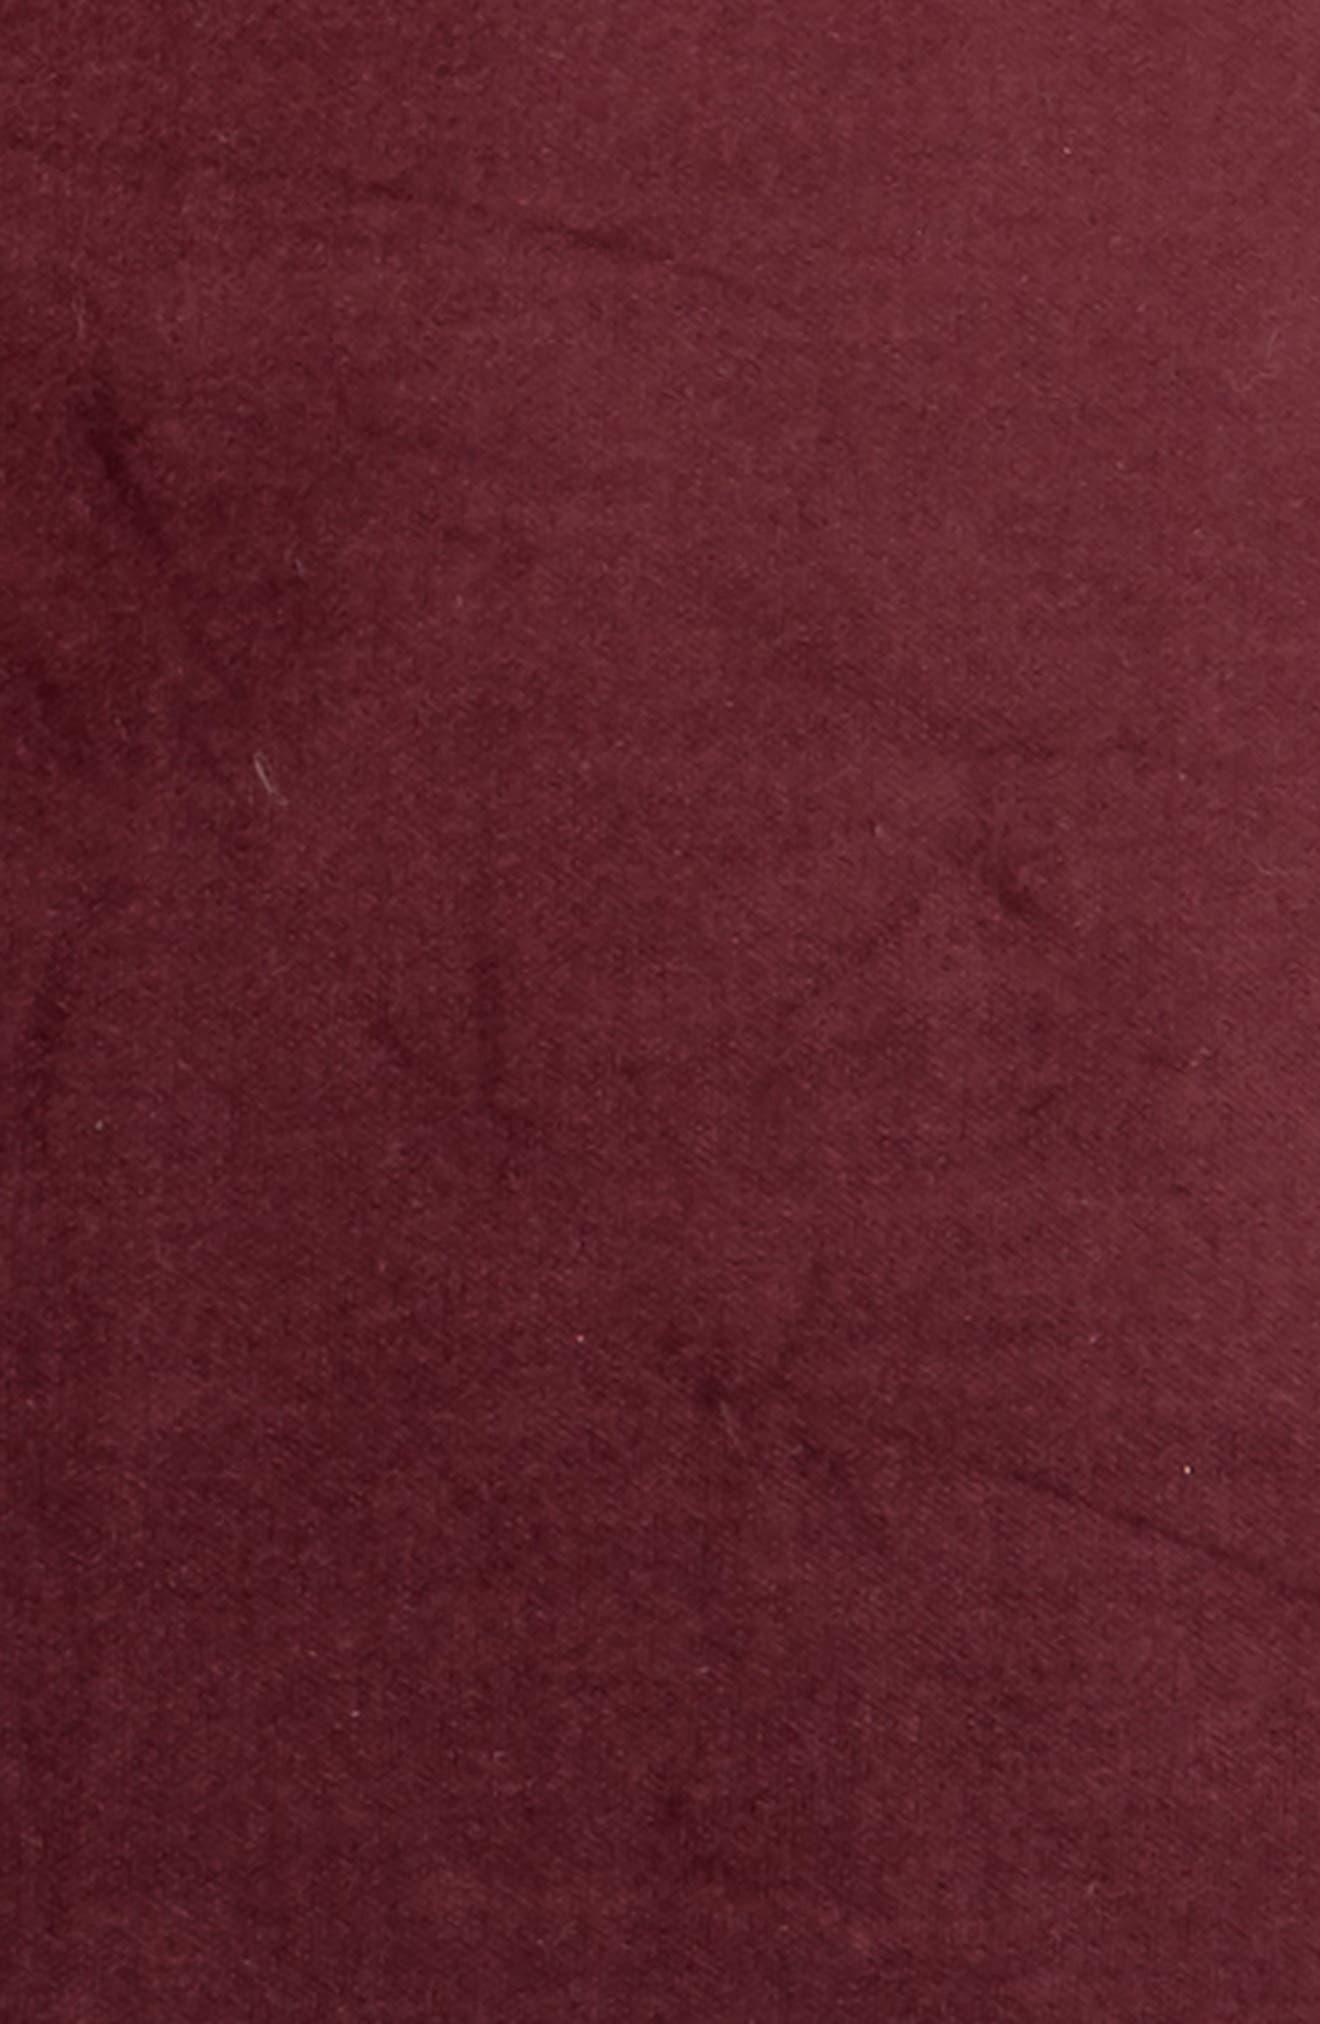 Velvet Accent Pillow,                             Alternate thumbnail 2, color,                             Burgundy